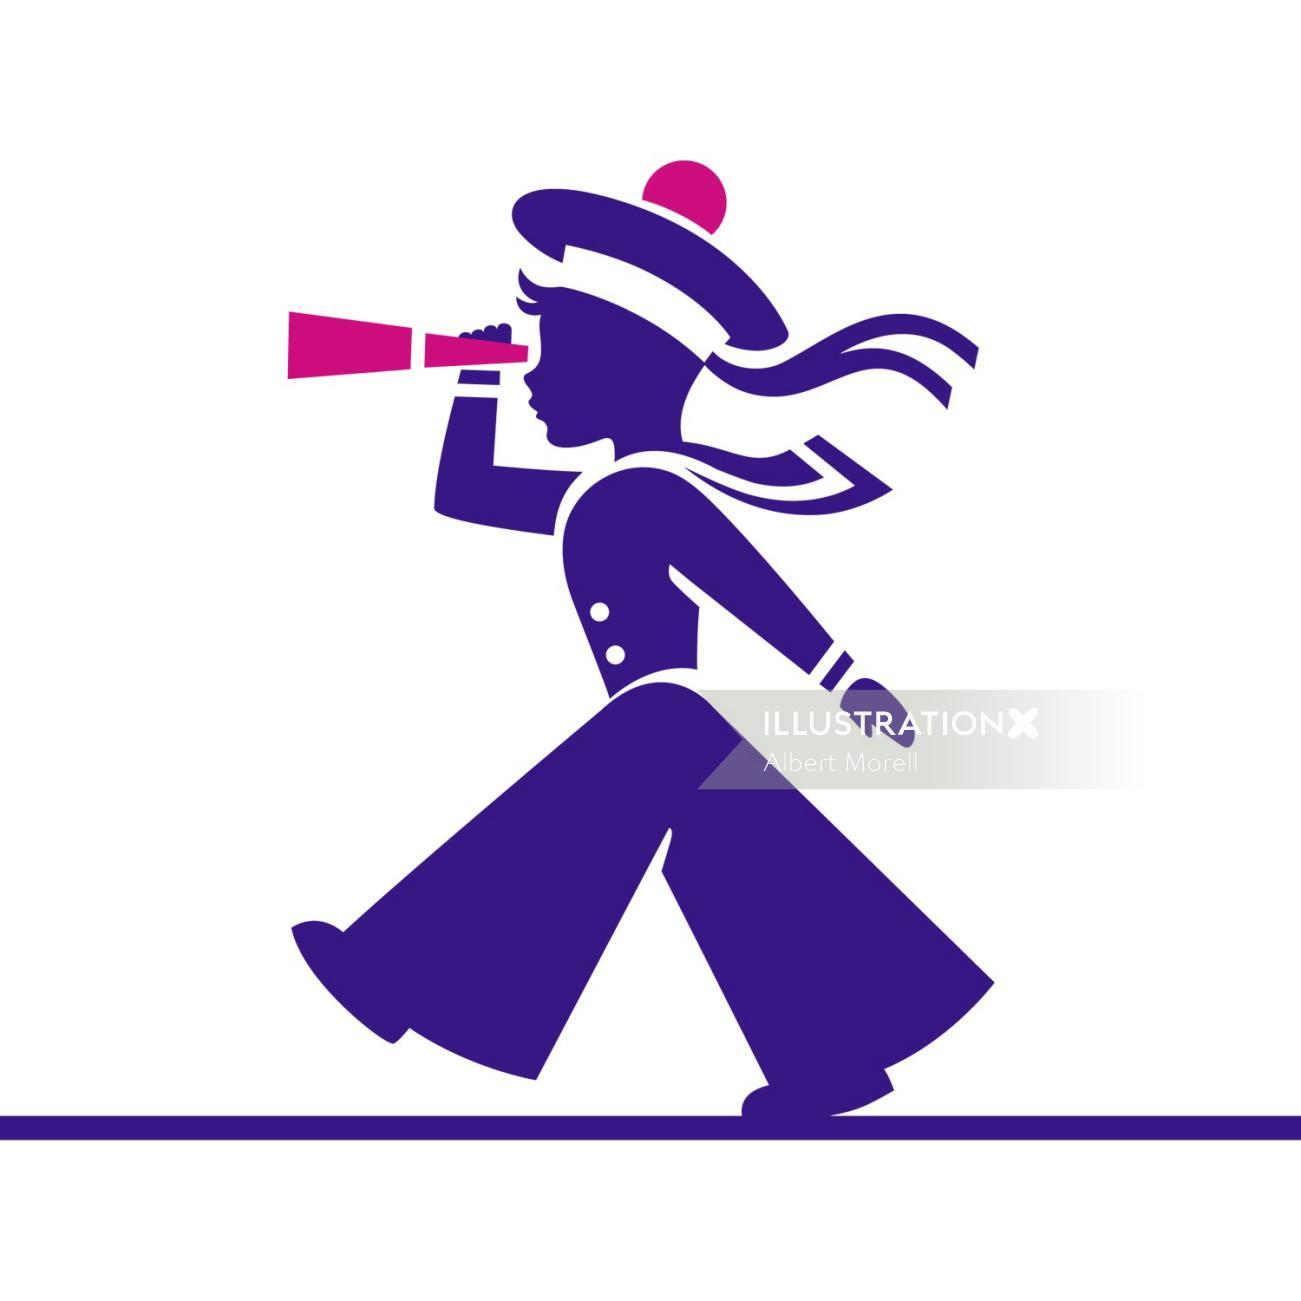 Kidswear retailer Logo